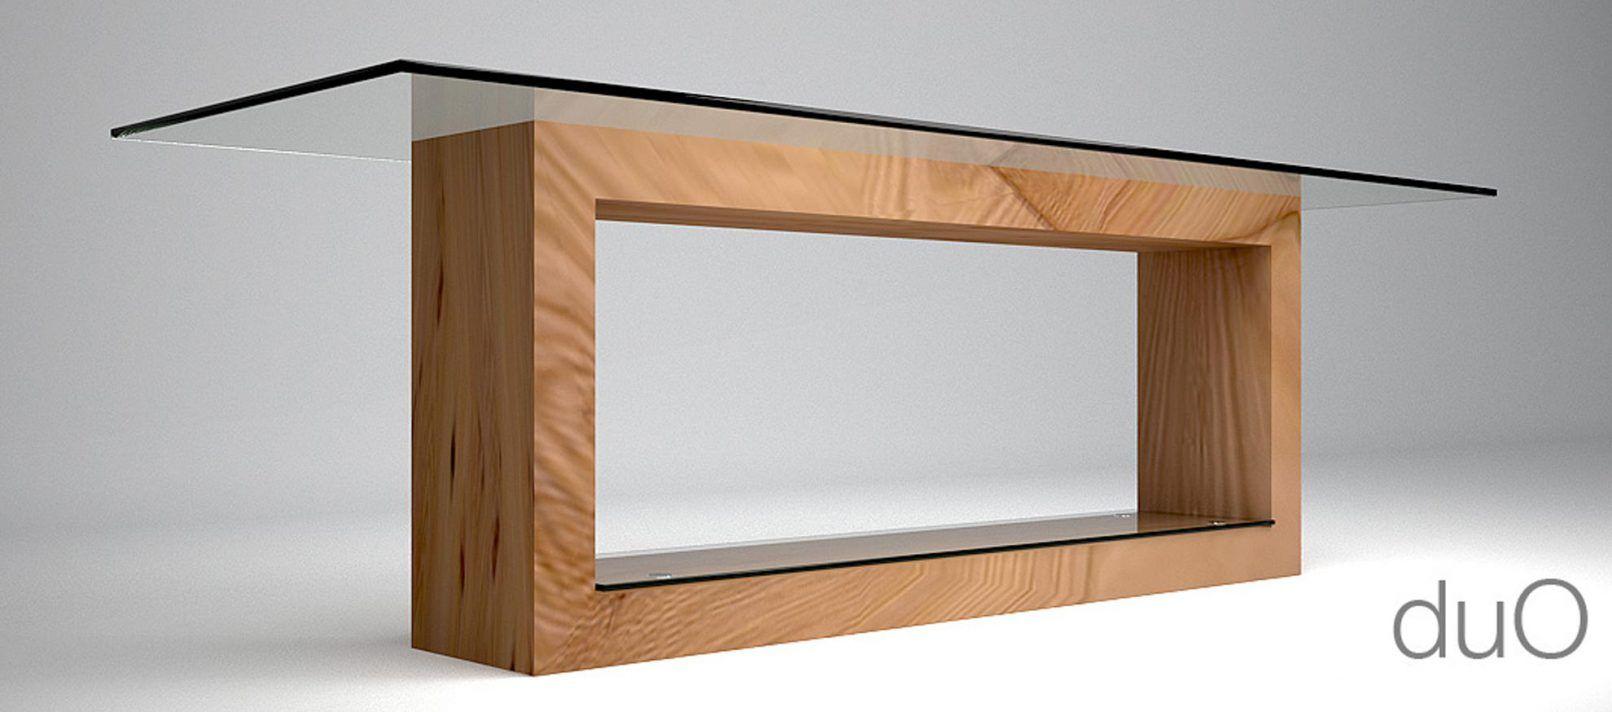 Tavolo in legno e cristallo DUO - Architetto Andrea Bella ...